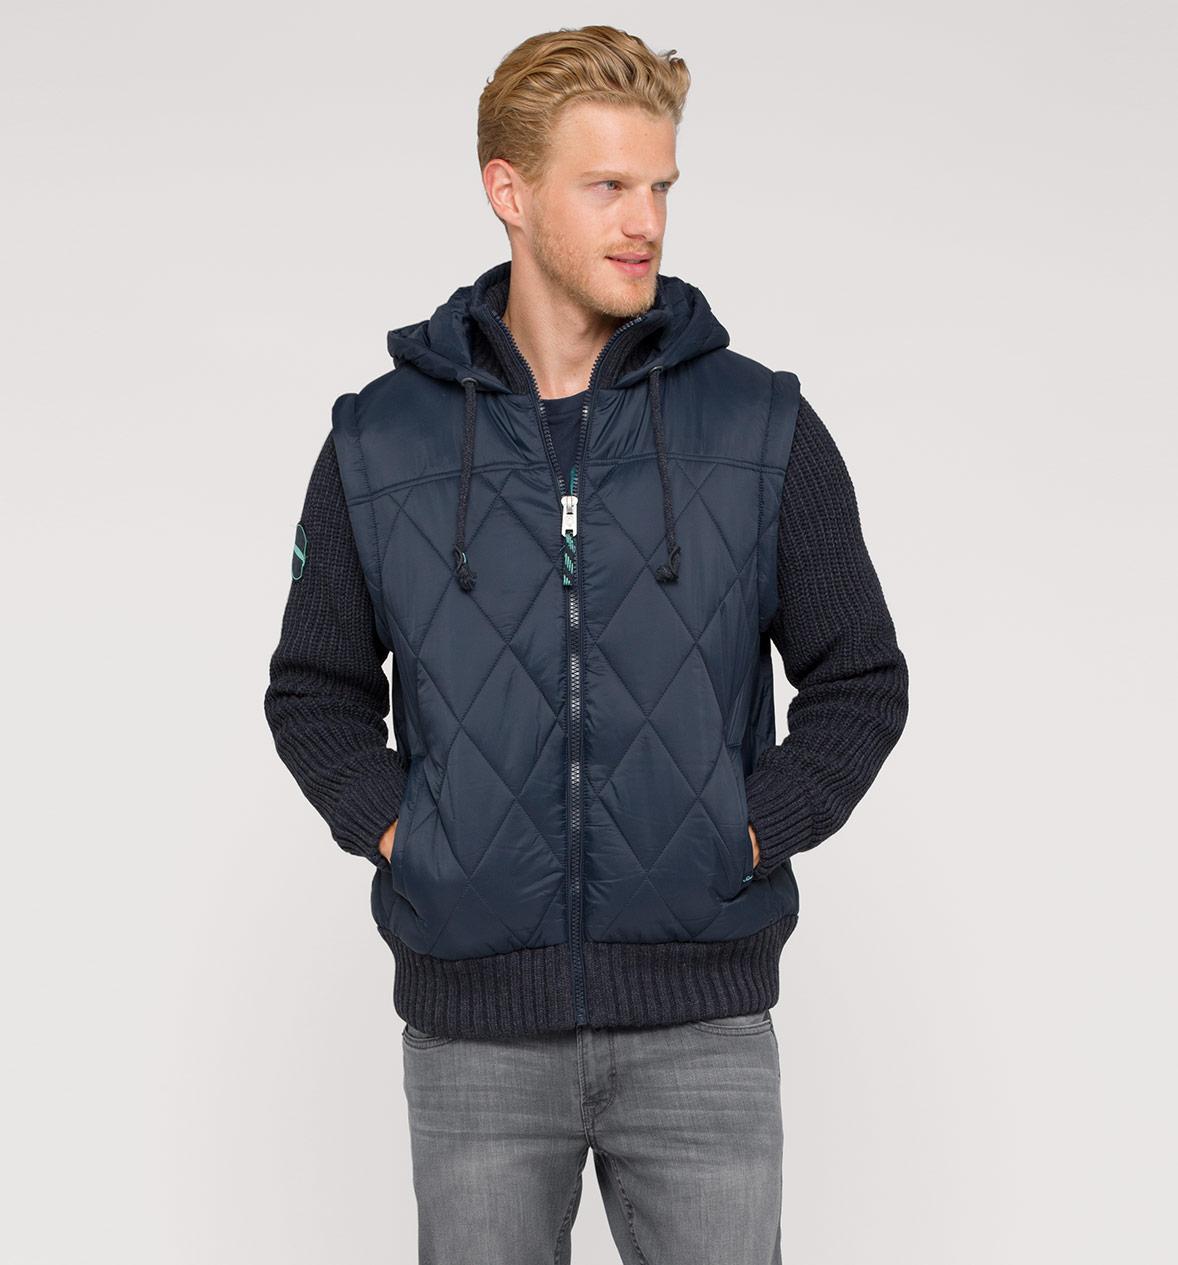 strickjacke ohne kapuze herren long sweater jacket. Black Bedroom Furniture Sets. Home Design Ideas